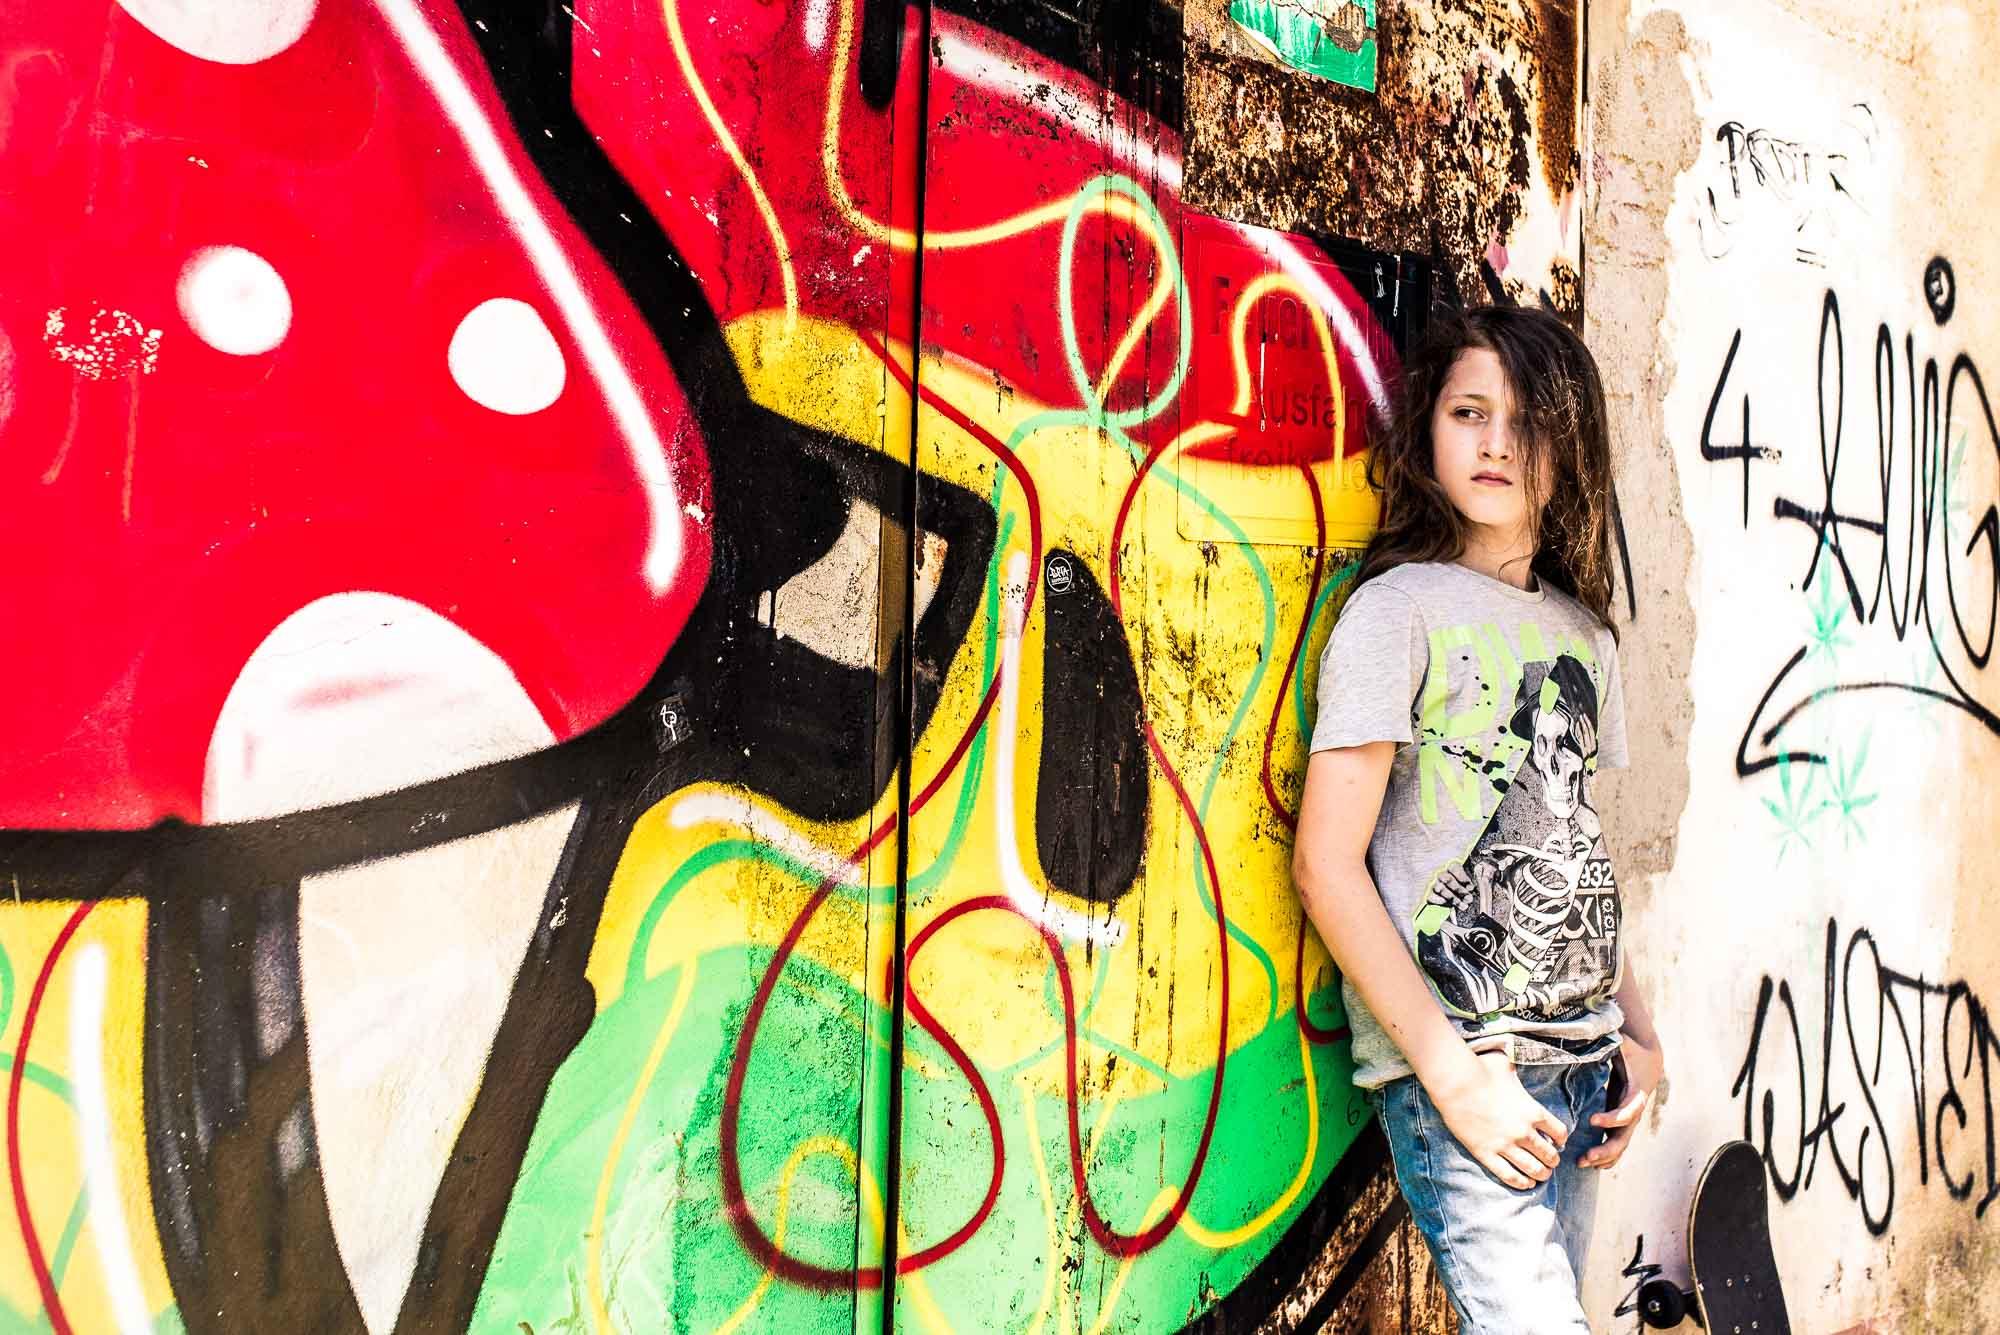 Skater-Portrait-Junge-Fotoshooting-Trier_09